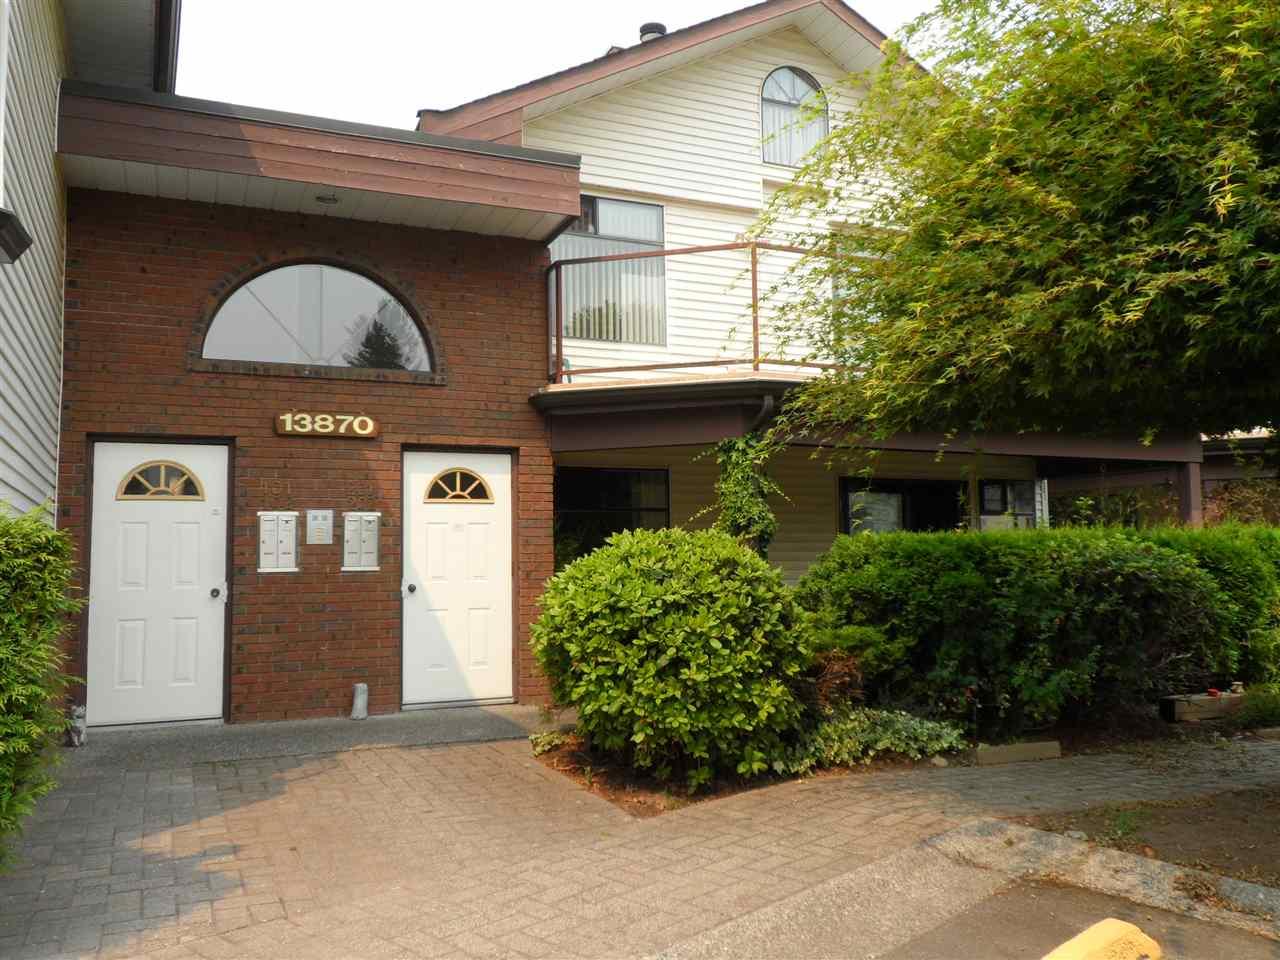 13870 102 AVENUE 201, Surrey, BC V3T 1P1